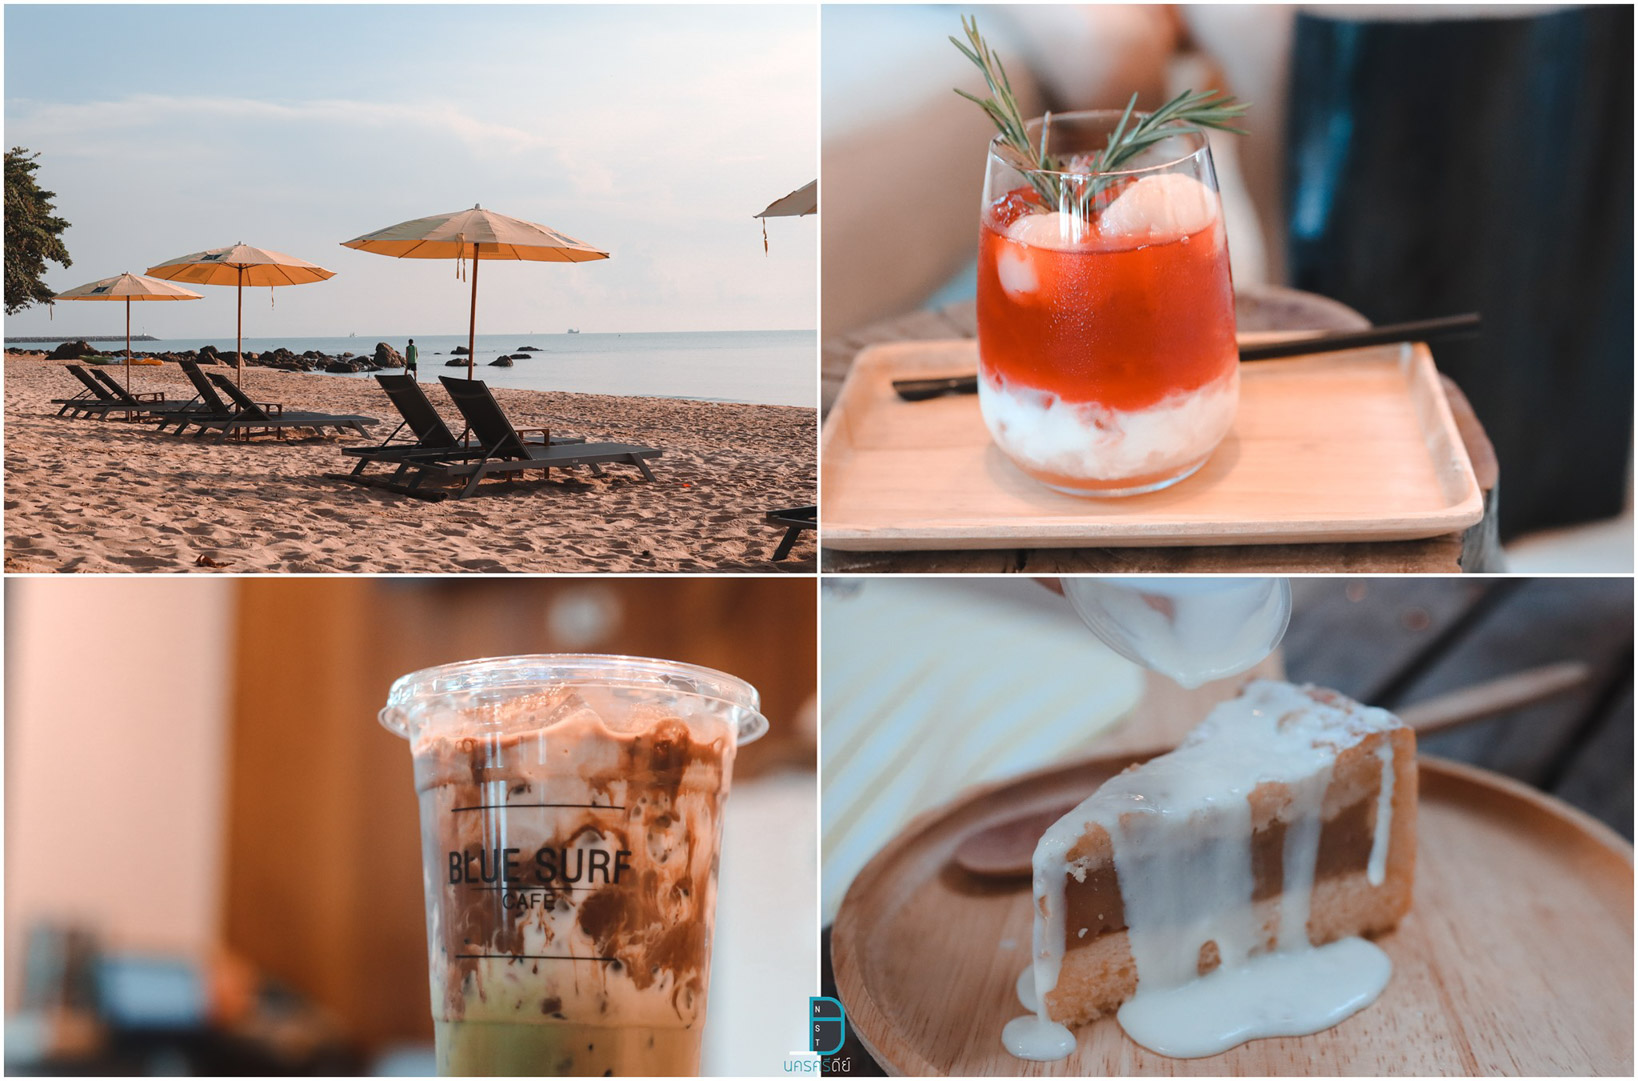 คาเฟ่,Cafe,นครศรีธรรมราช,2020,2563,ของกิน,จุดเช็คอิน,จุดถ่ายรูป